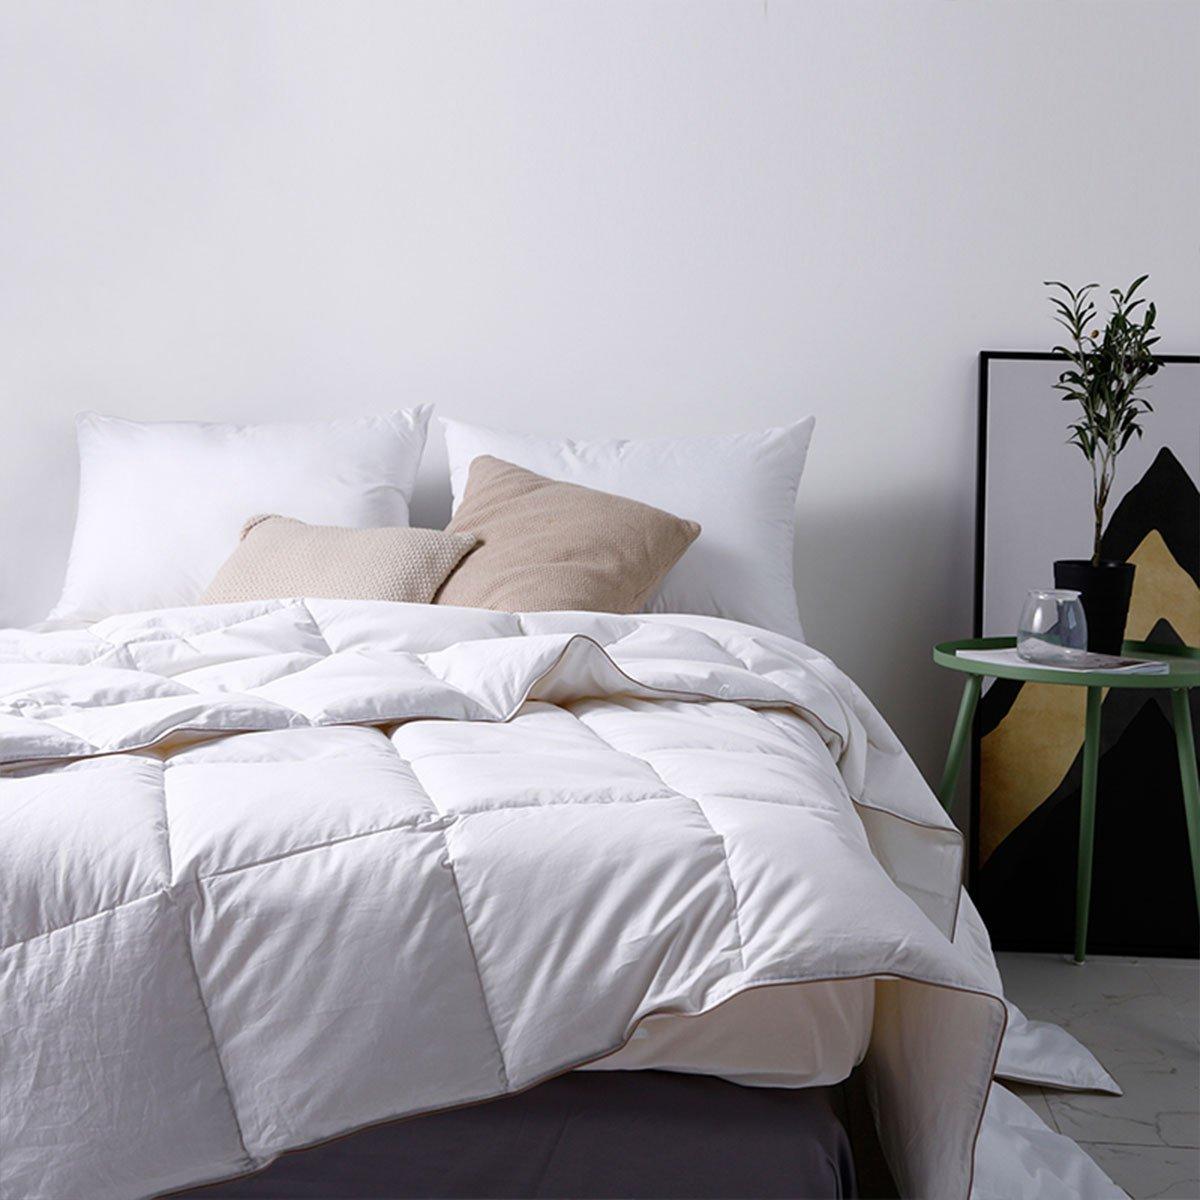 斯诺曼斯诺曼2019新款被芯95%白鹅绒空调被子 薄款羽绒被 夏被COLOR白色